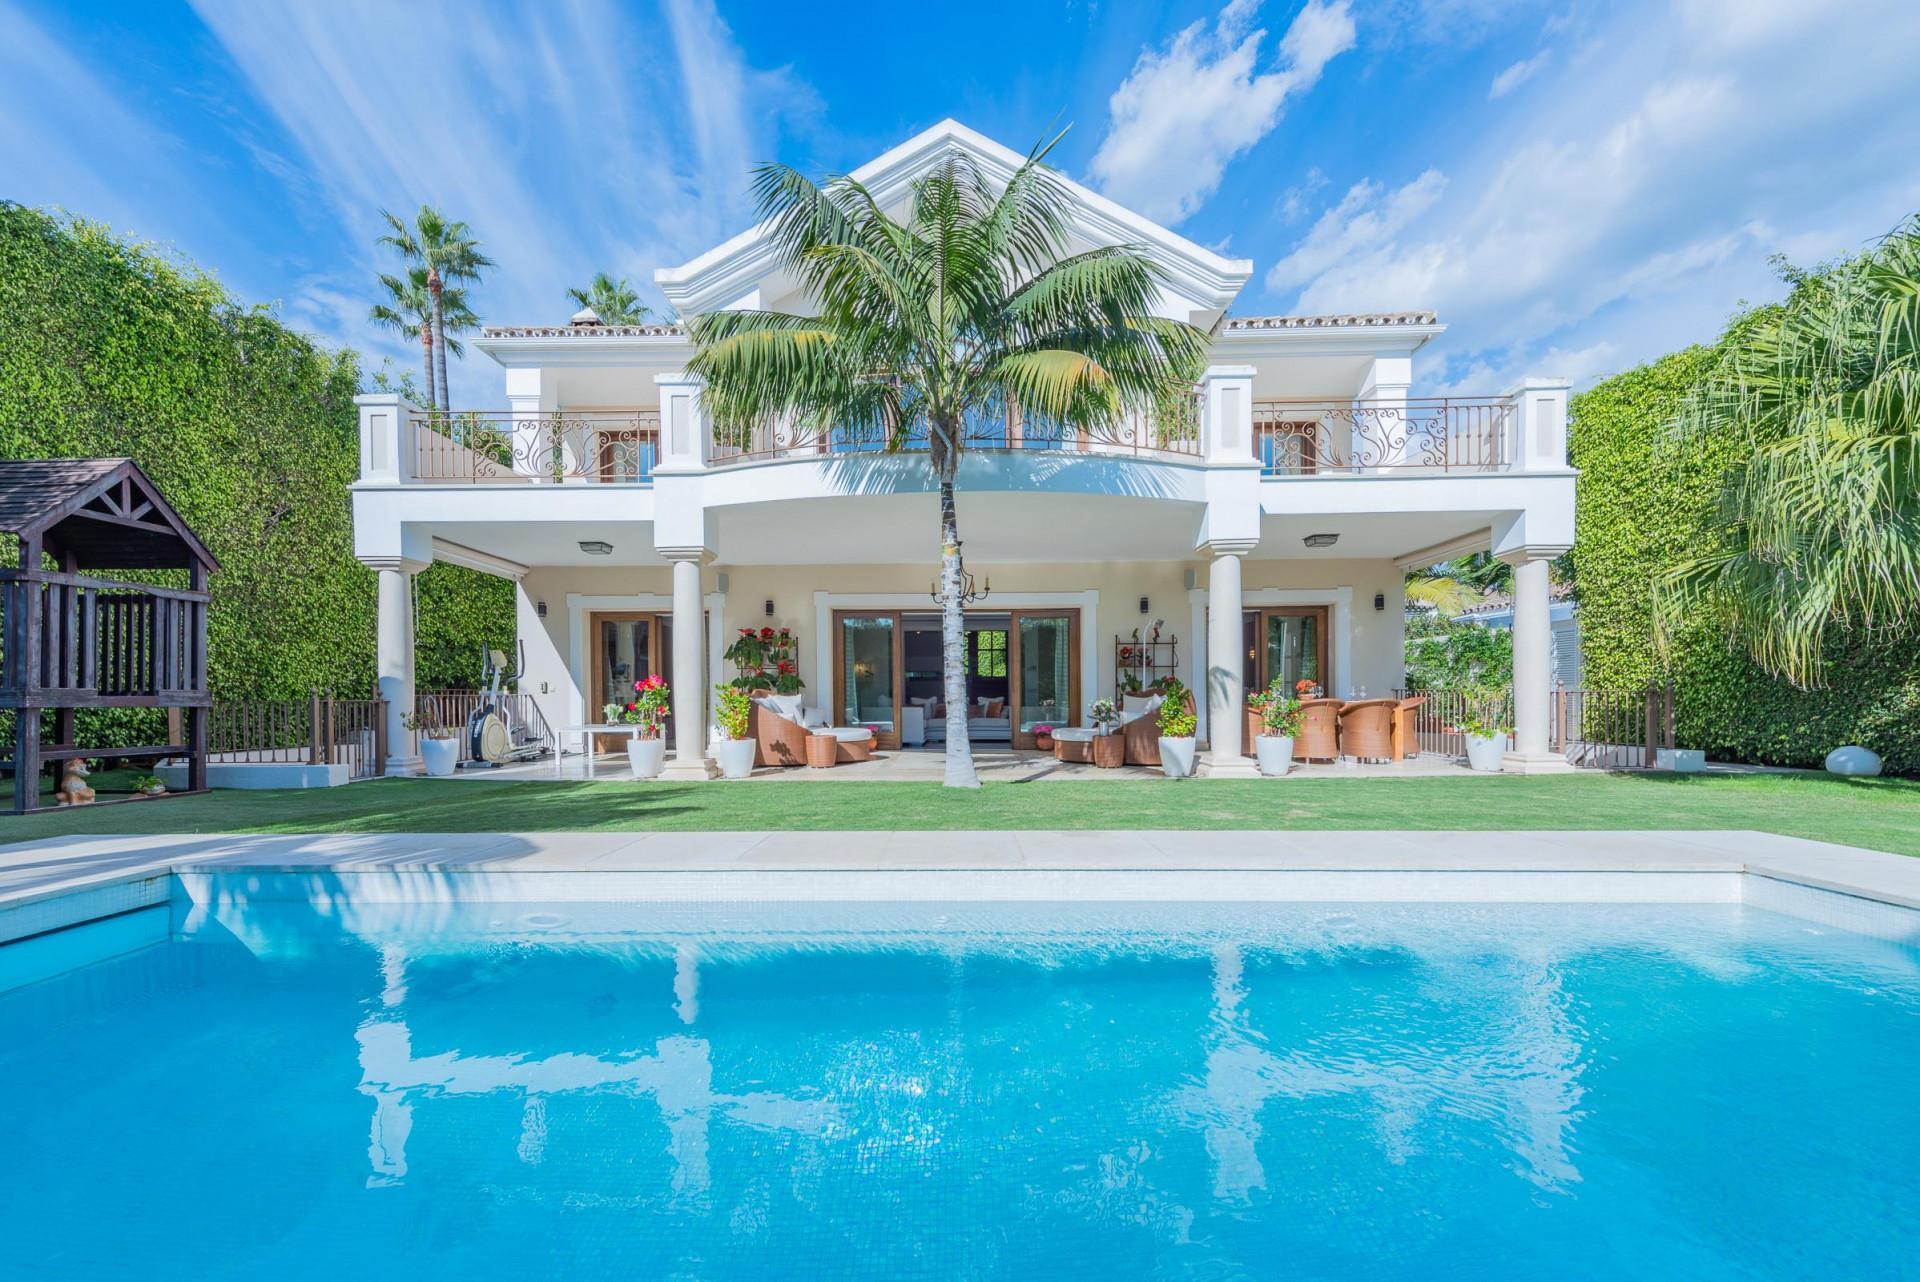 ARFV2134 - Fanstastische Villa zum Verkauf in Strandlage in Casablanca an der Goldenen Meile Marbella